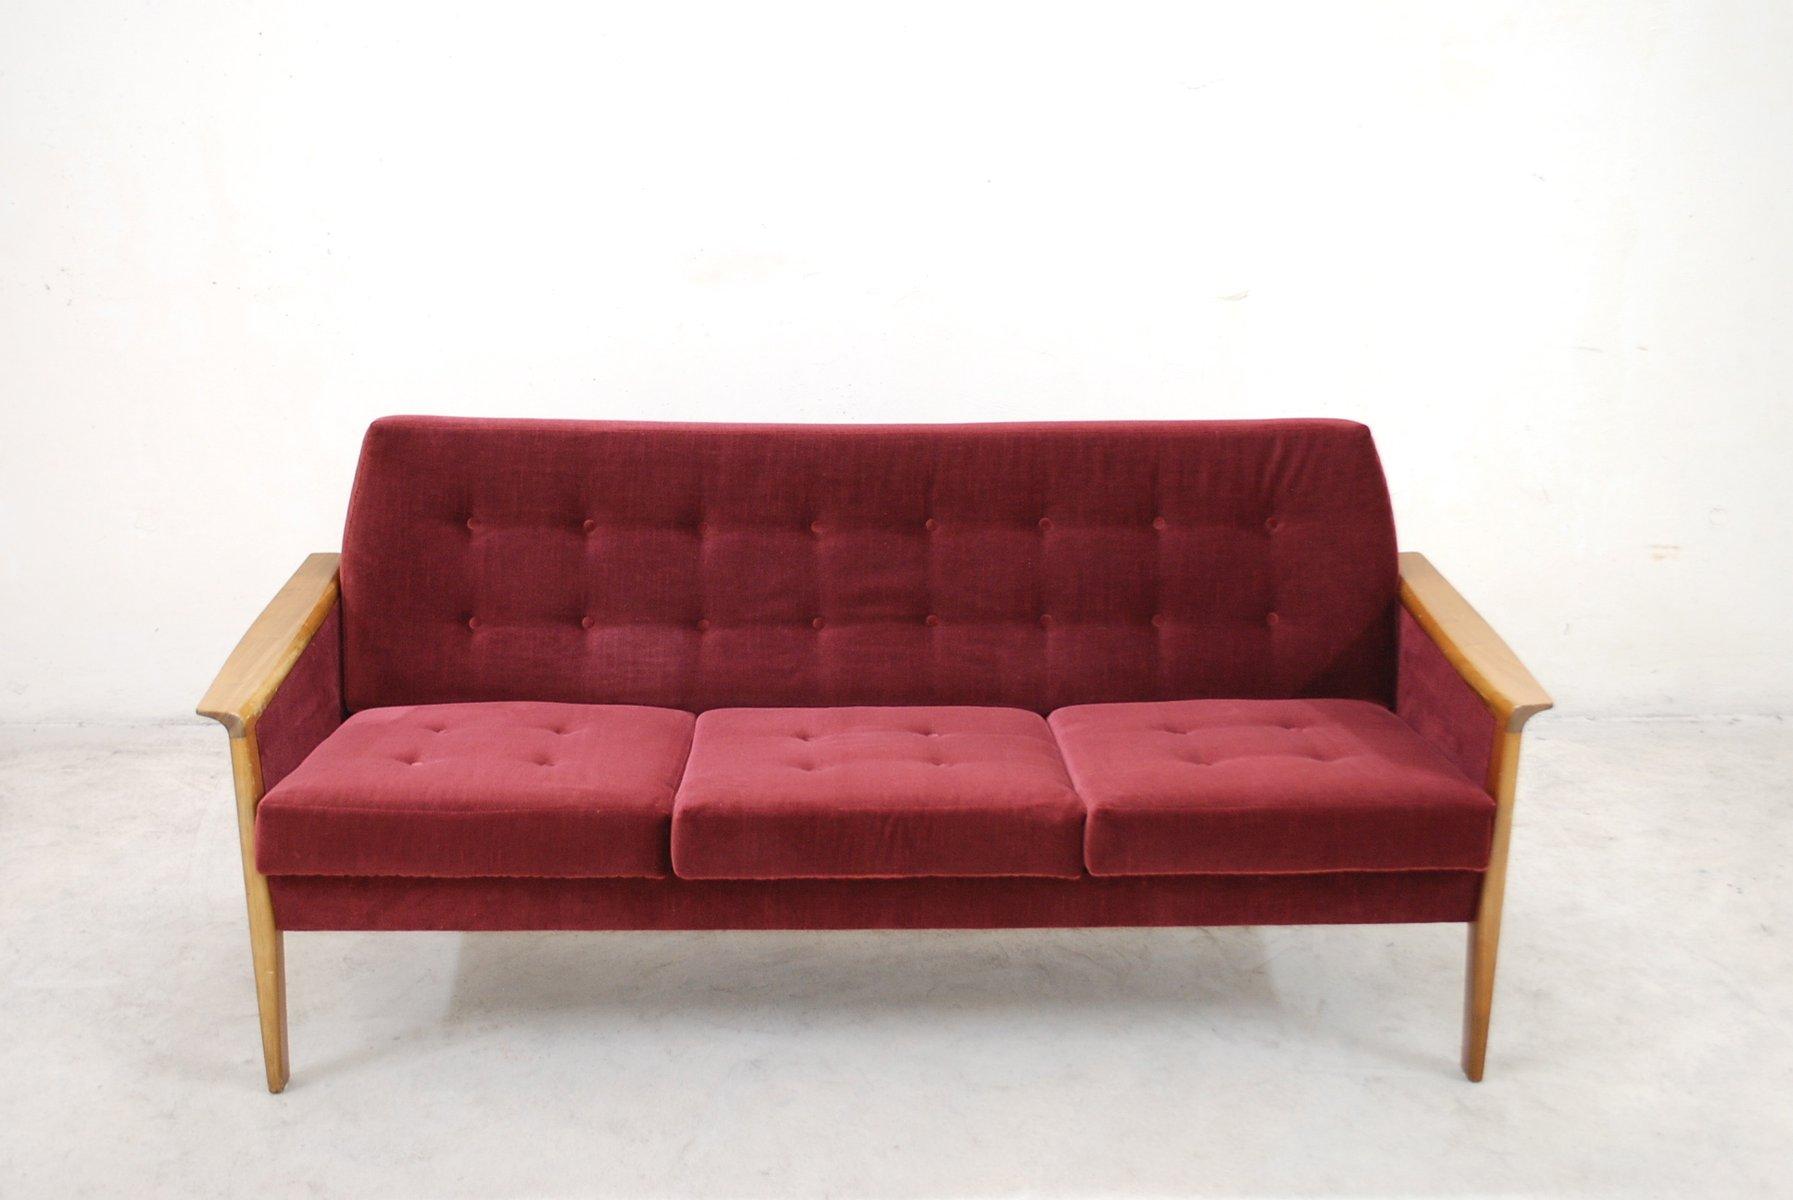 vintage sofa aus kirschholz von wilhem knoll bei pamono kaufen. Black Bedroom Furniture Sets. Home Design Ideas